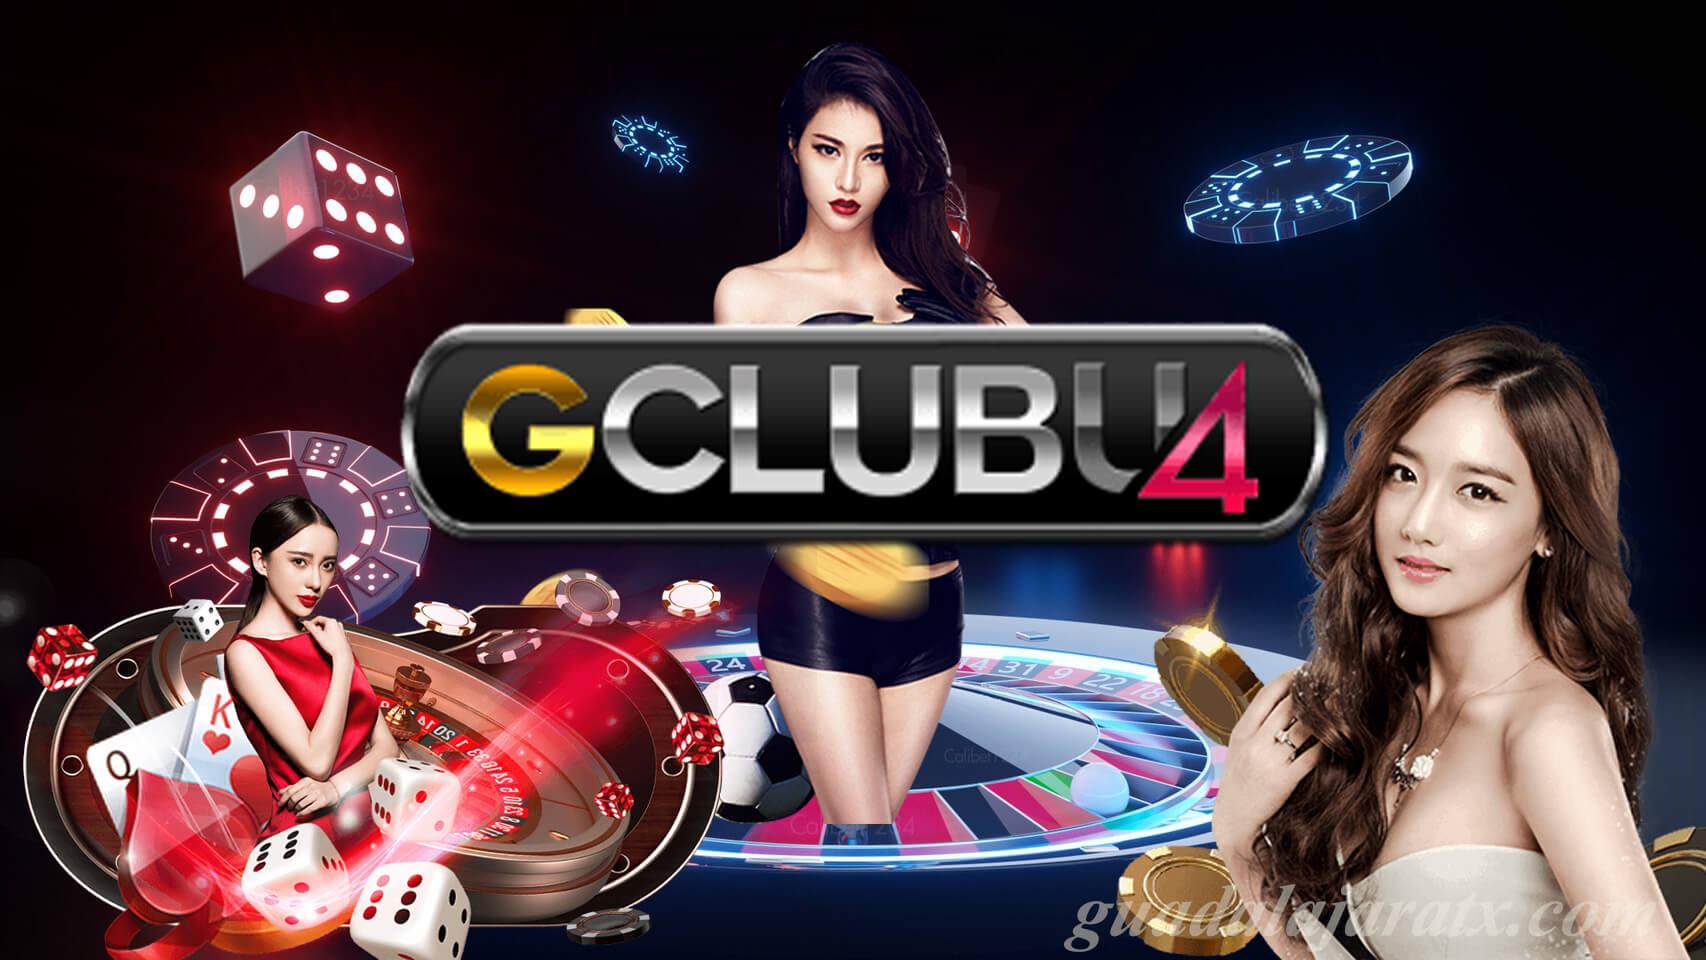 Gclub และ ทางเลือกเดิมพัน ที่ใช้ระยะเวลาเพียงไม่กี่วินาที